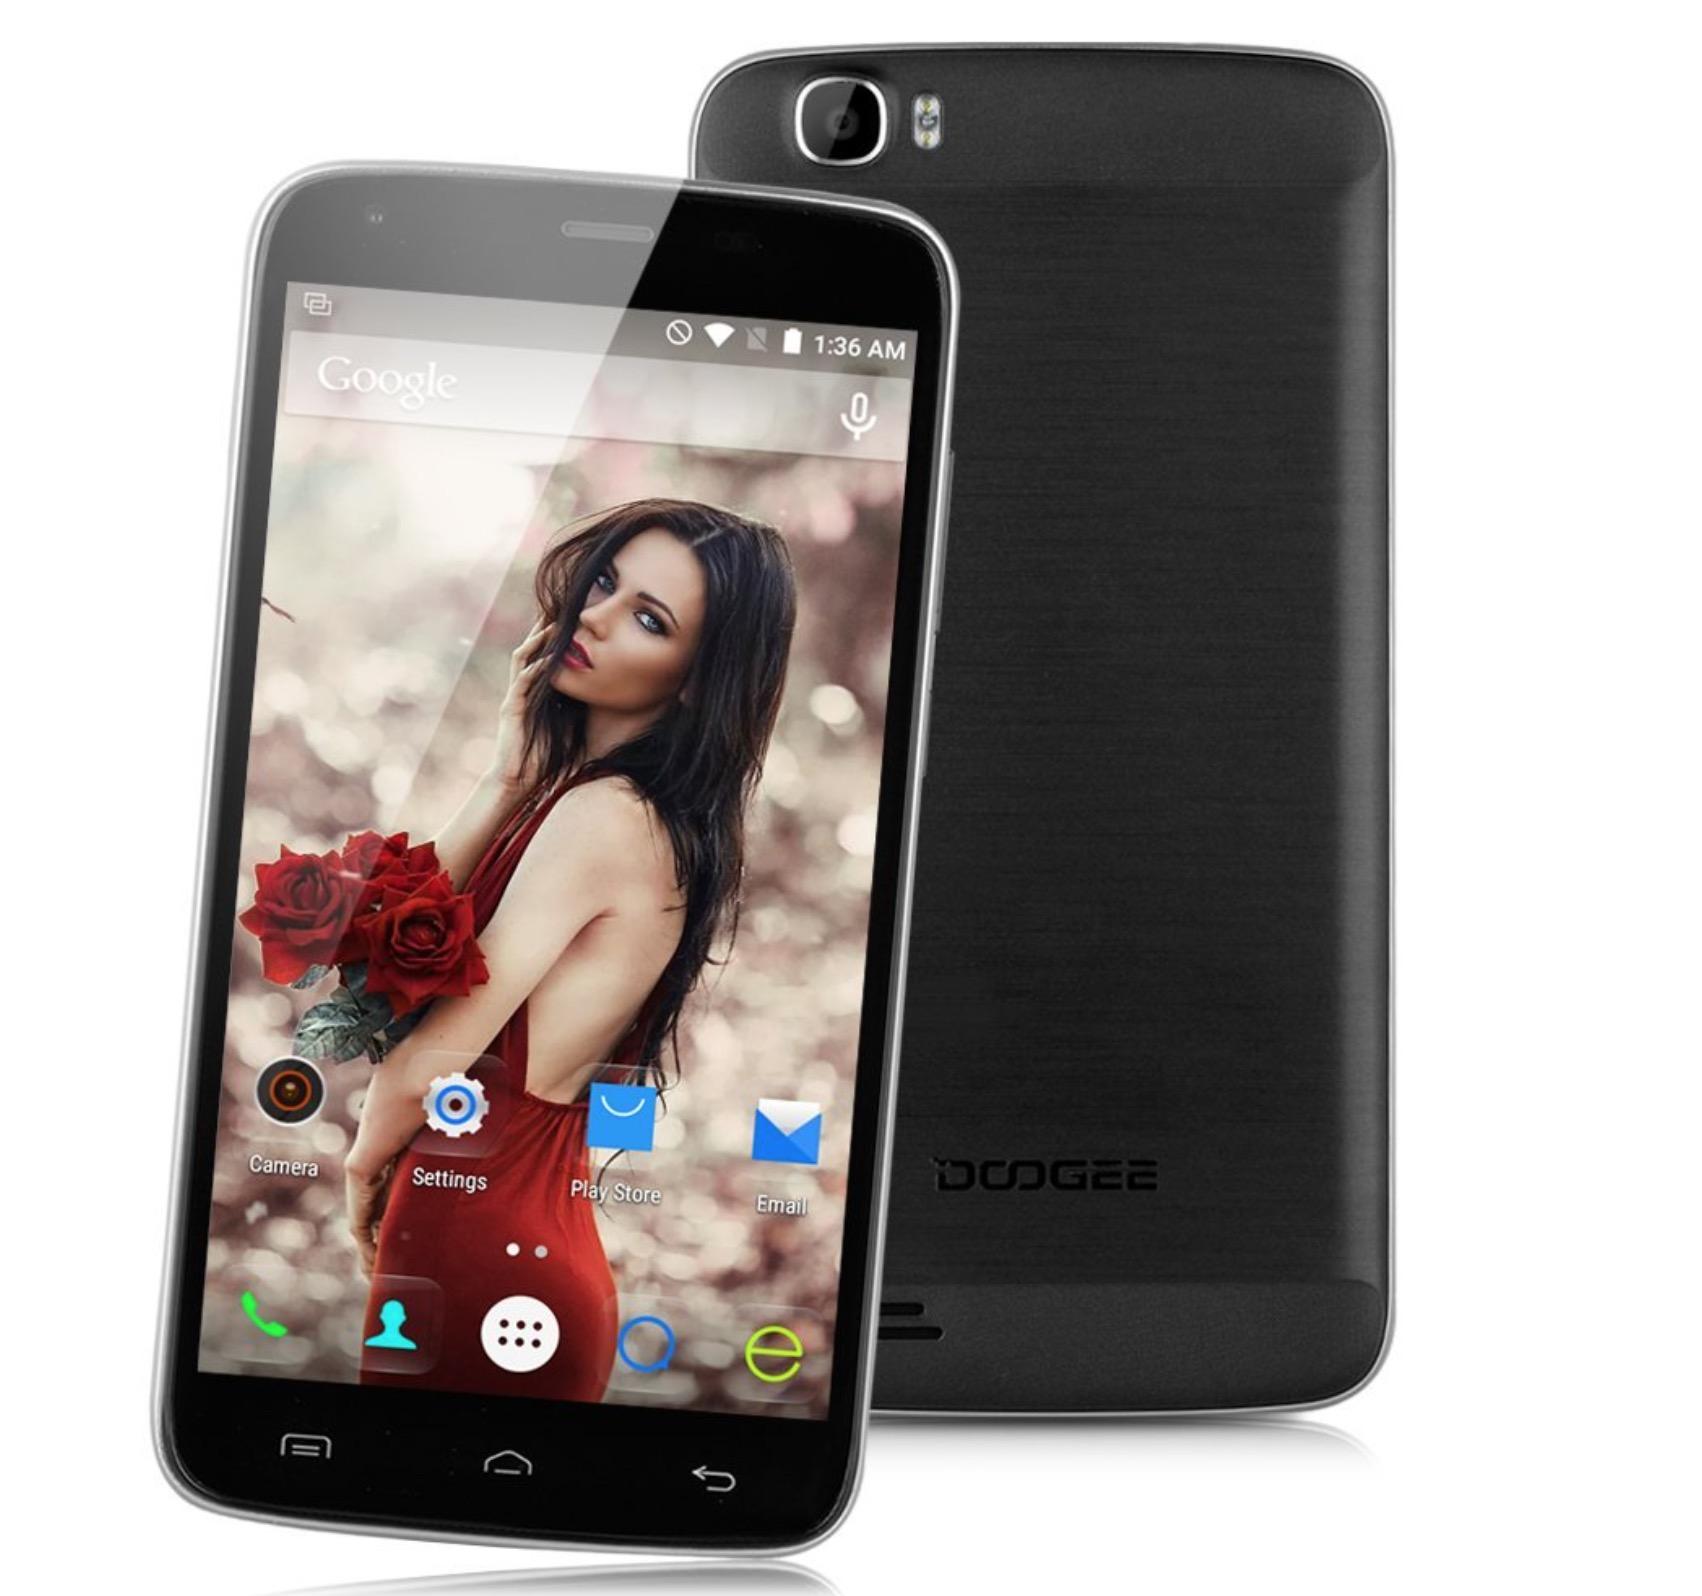 DOOGEE T6 Pro smartphone